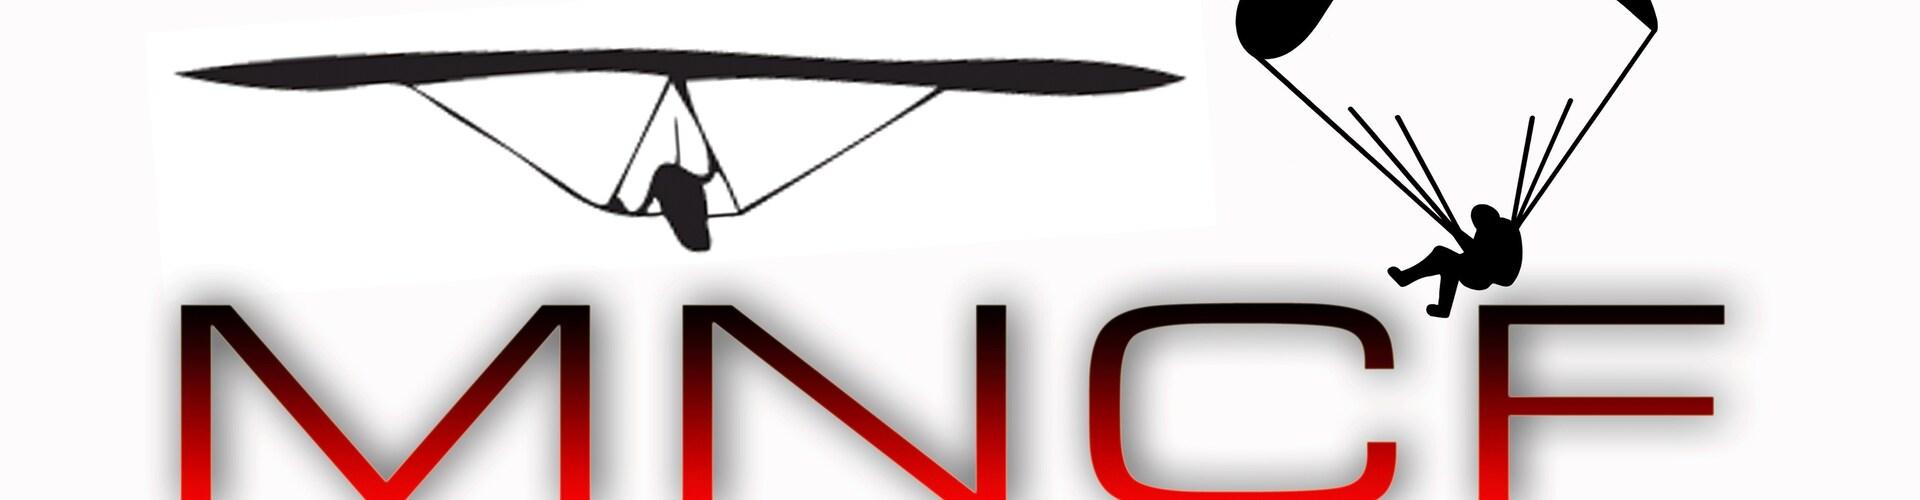 Mncf logo